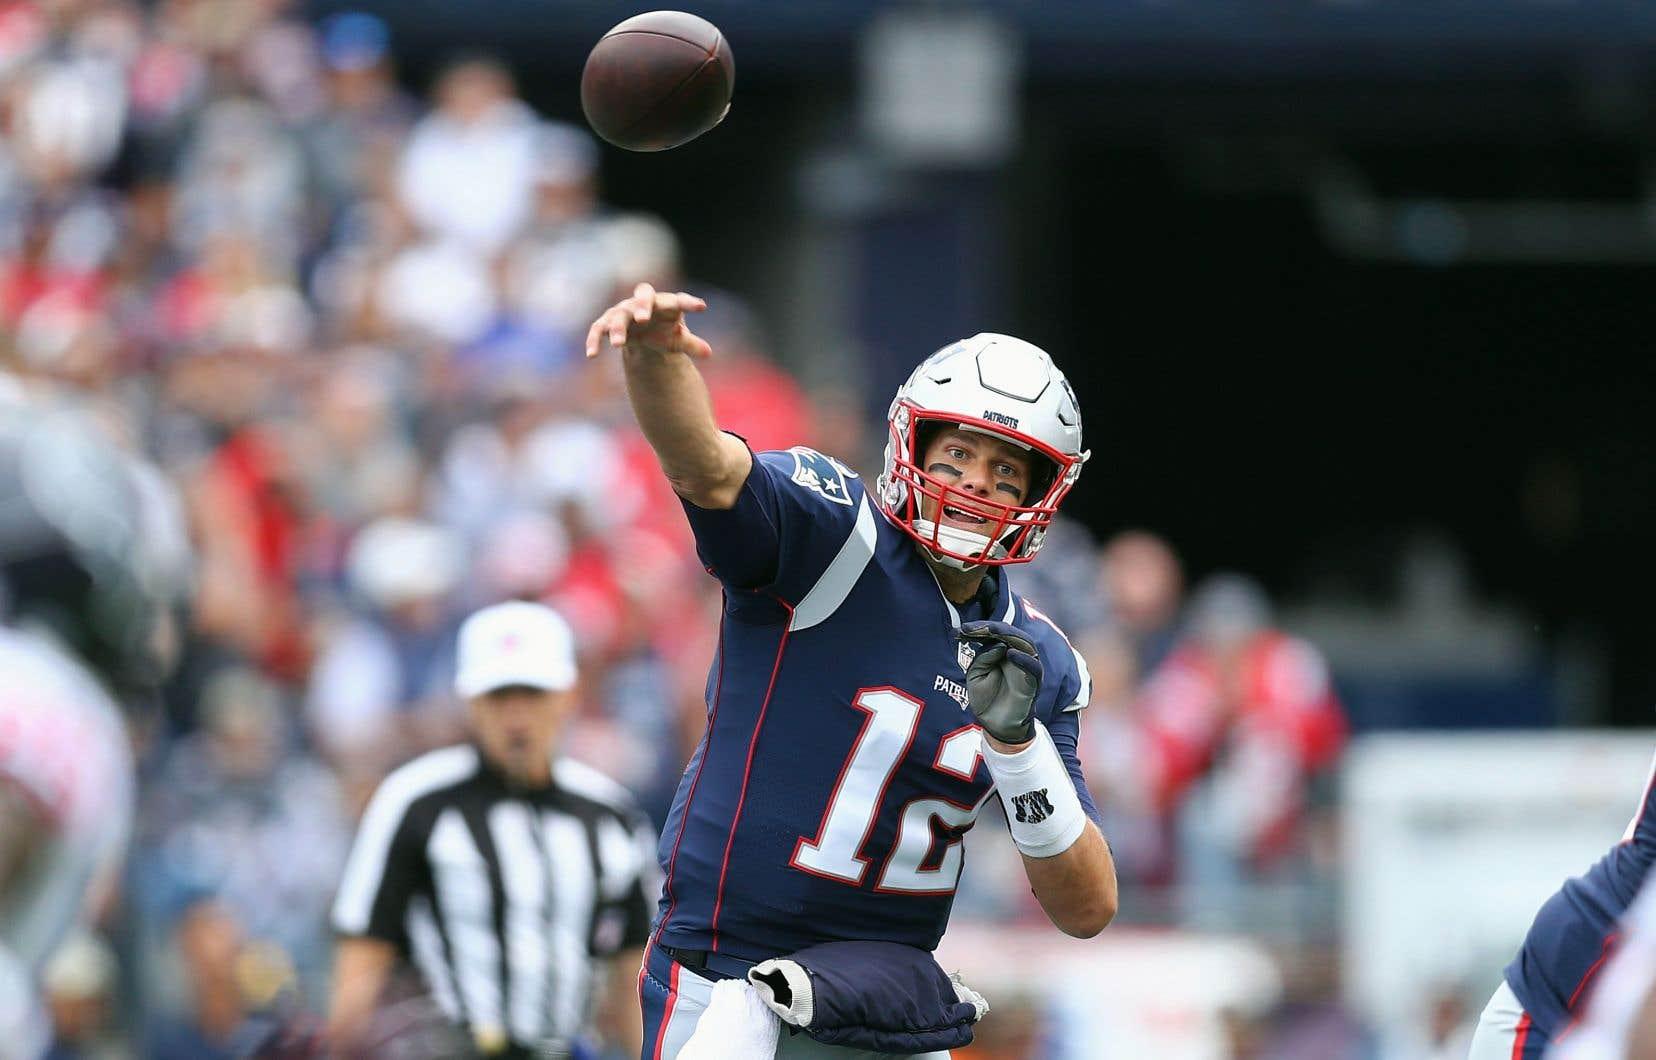 À 41 ans, Tom Brady pourrait surpasser dimanche Peyton Manning à titre de quart-arrière le plus âgé de l'histoire de la NFL à remporter un Super Bowl.